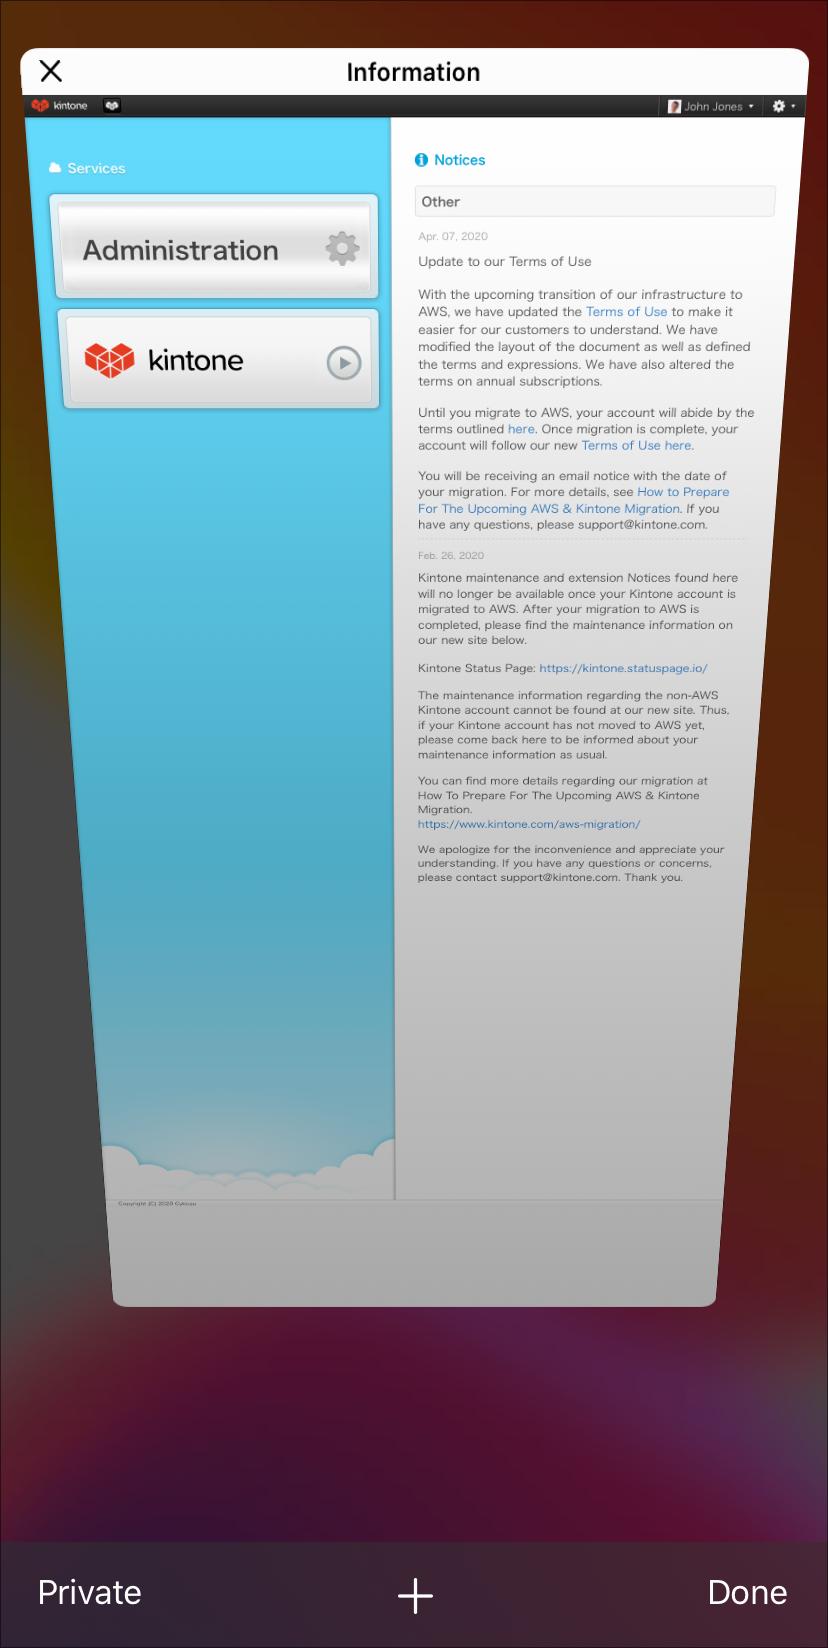 无痕浏览功能设置为禁用的图片